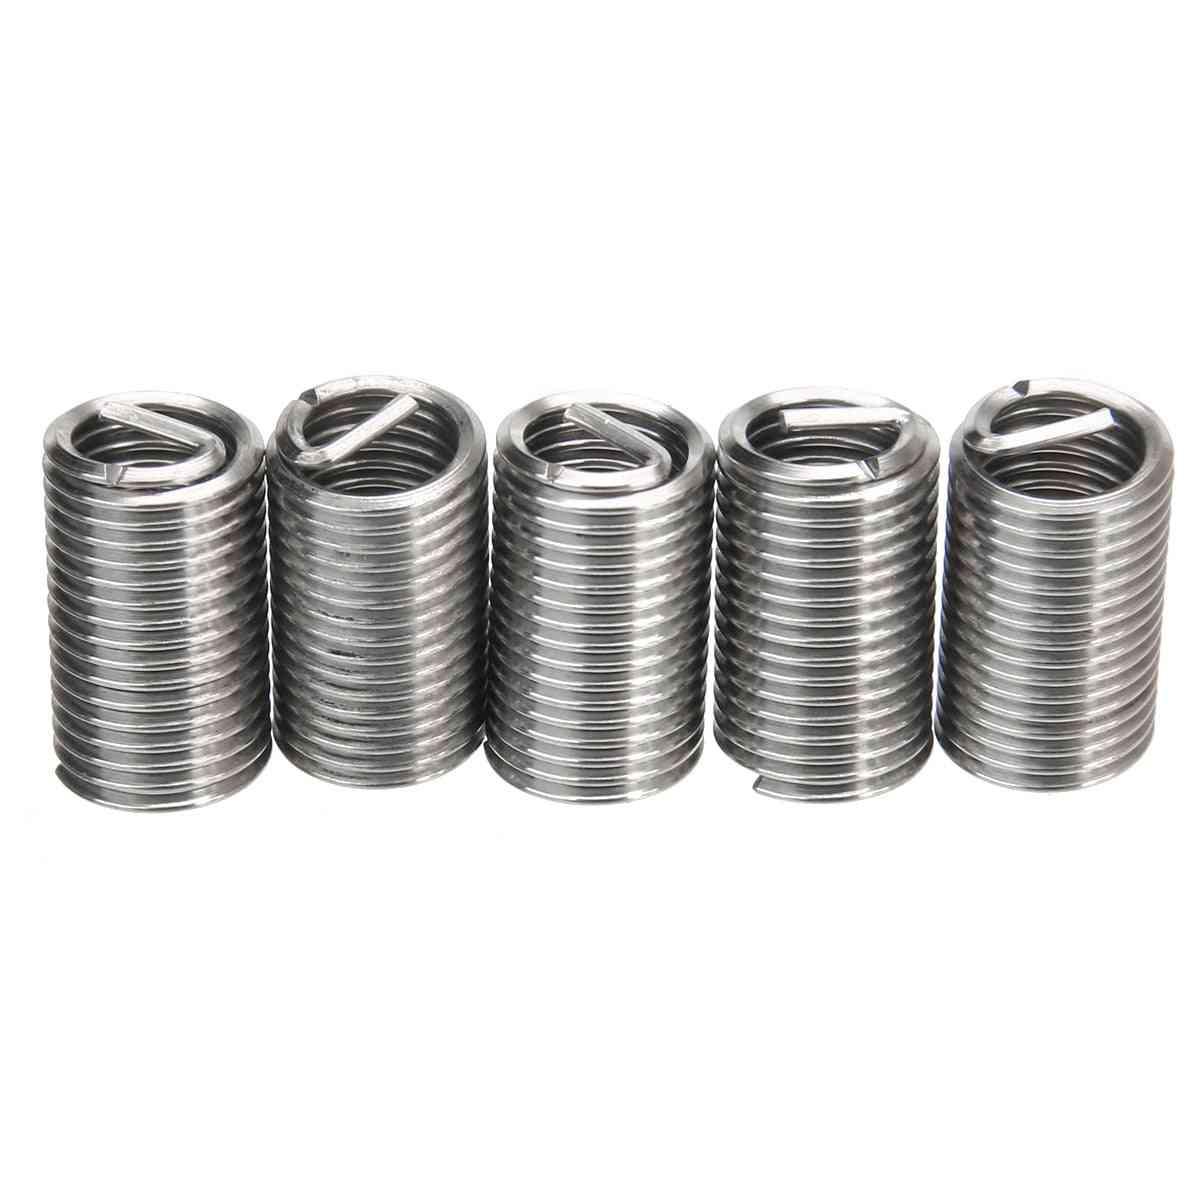 150pcs Stainless Steel, Helicoil Thread Repair Insert Kit